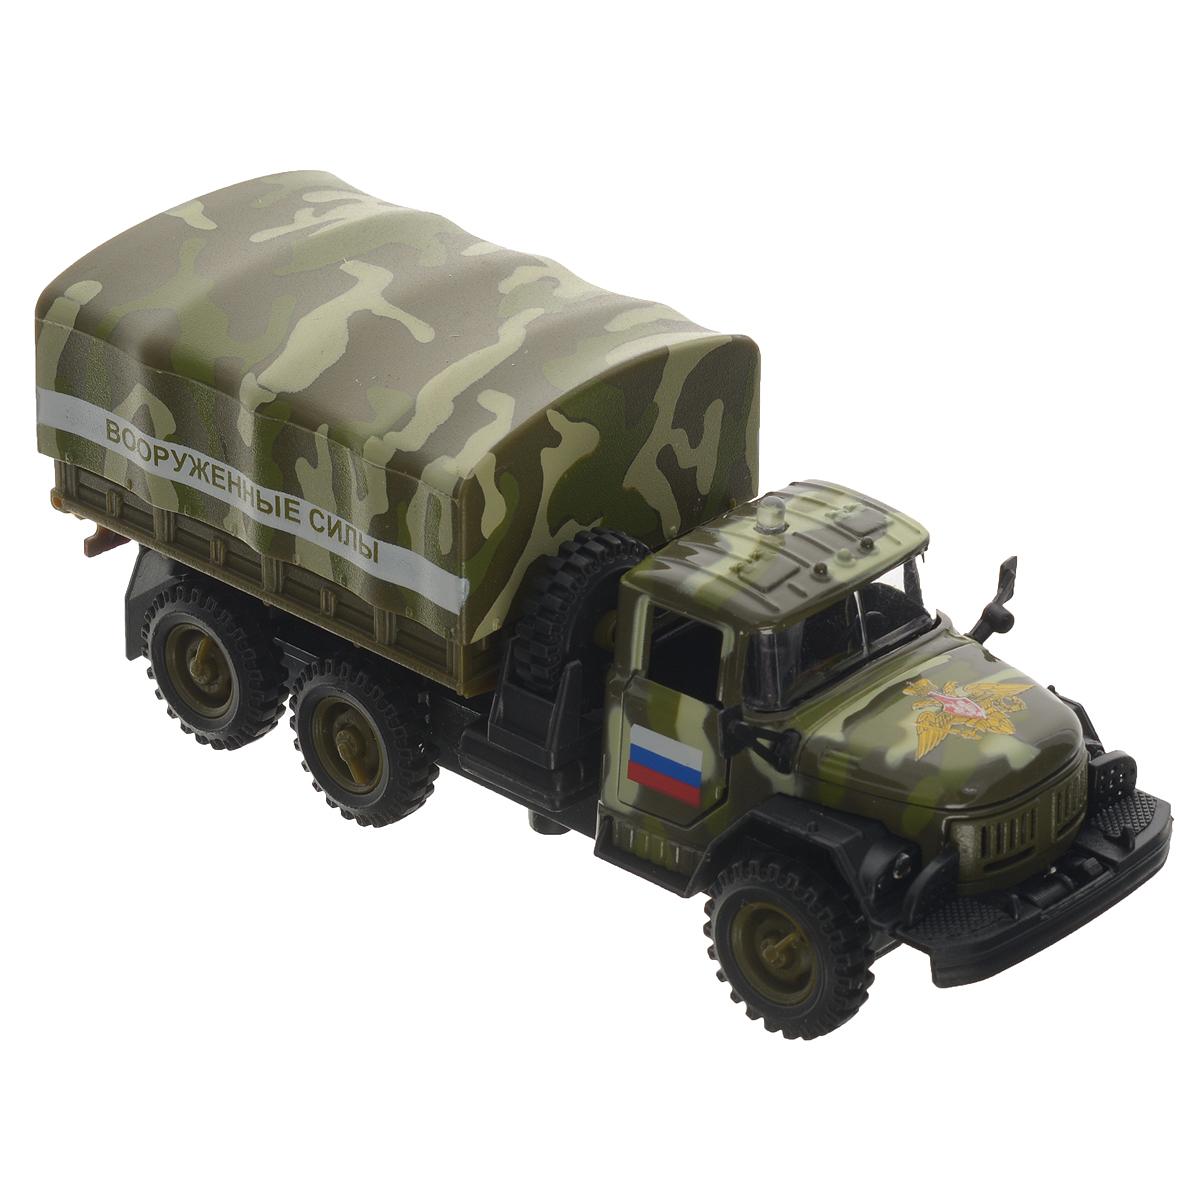 ТехноПарк Машинка инерционная ЗИЛ 131 Вооруженные силыCT10-001-21Инерционная машинка ТехноПарк ЗИЛ 131: Вооруженные силы, выполненная из пластика и металла, станет любимой игрушкой вашего малыша. Игрушка представляет собой модель спецавтомобиля Вооруженных сил Российской Федерации марки ЗИЛ 131. У машинки открываются дверцы кабины и капот, снимается верхняя часть кузова и открывается задний борт. Между кабиной и кузовом расположено запасное колесо, которое также может быть использовано по назначению. При нажатии на кнопку на крыше кабины замигают фары, прозвучат звуки сирены и команды диспетчера. Игрушка оснащена инерционным ходом. Машинку необходимо отвести назад, затем отпустить - и она быстро поедет вперед. Прорезиненные колеса обеспечивают надежное сцепление с любой гладкой поверхностью. Ваш ребенок будет часами играть с этой машинкой, придумывая различные истории. Порадуйте его таким замечательным подарком! Машинка работает от батареек (товар комплектуется демонстрационными).